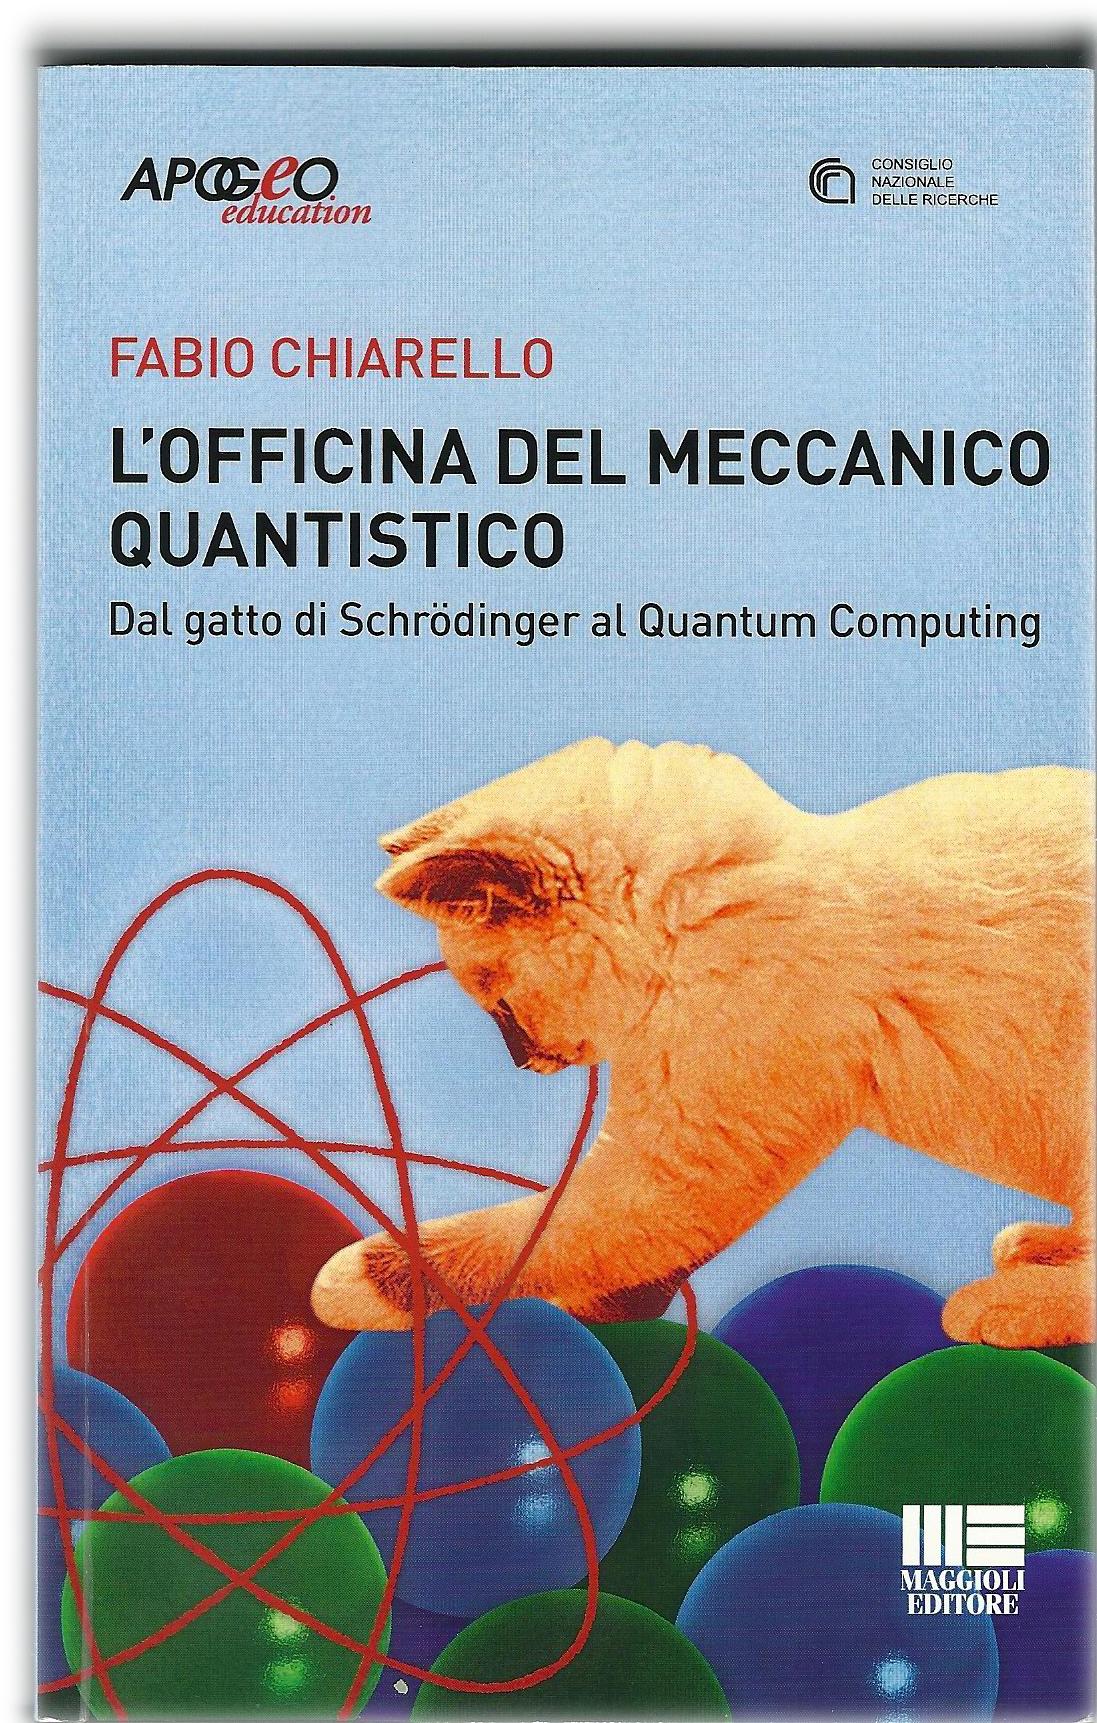 L'officina del meccanico quantistico